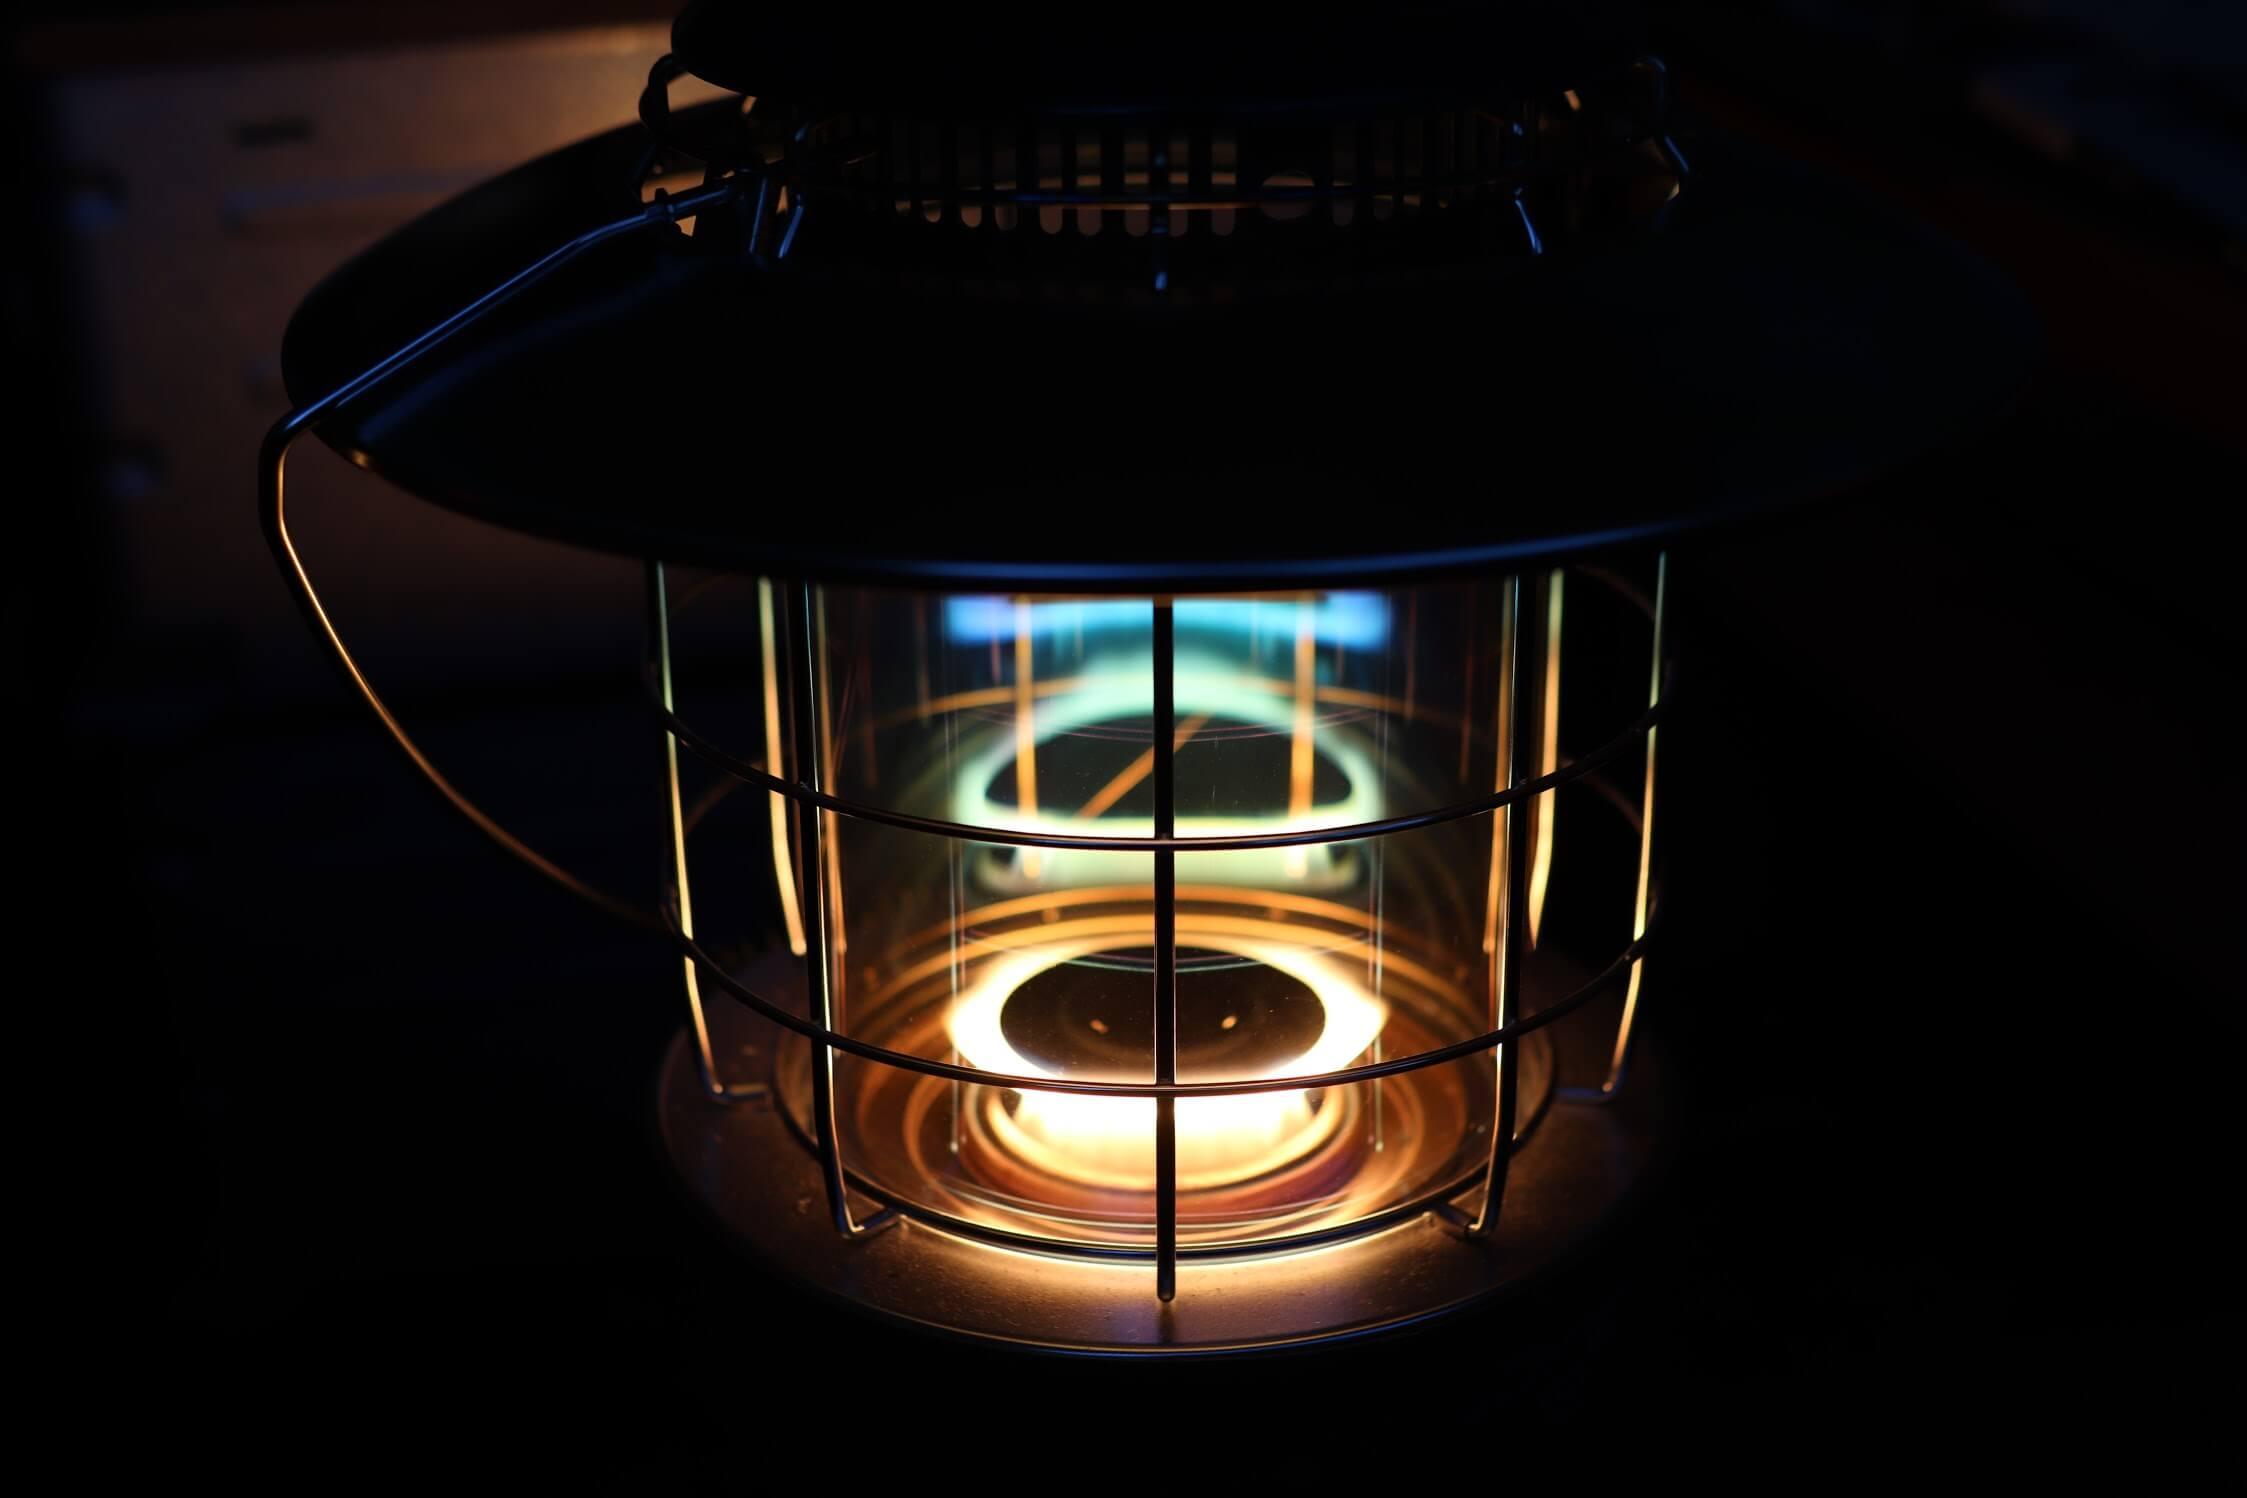 トヨトミ レインボーストーブ(石油ストーブ)RL-250-G 光り方